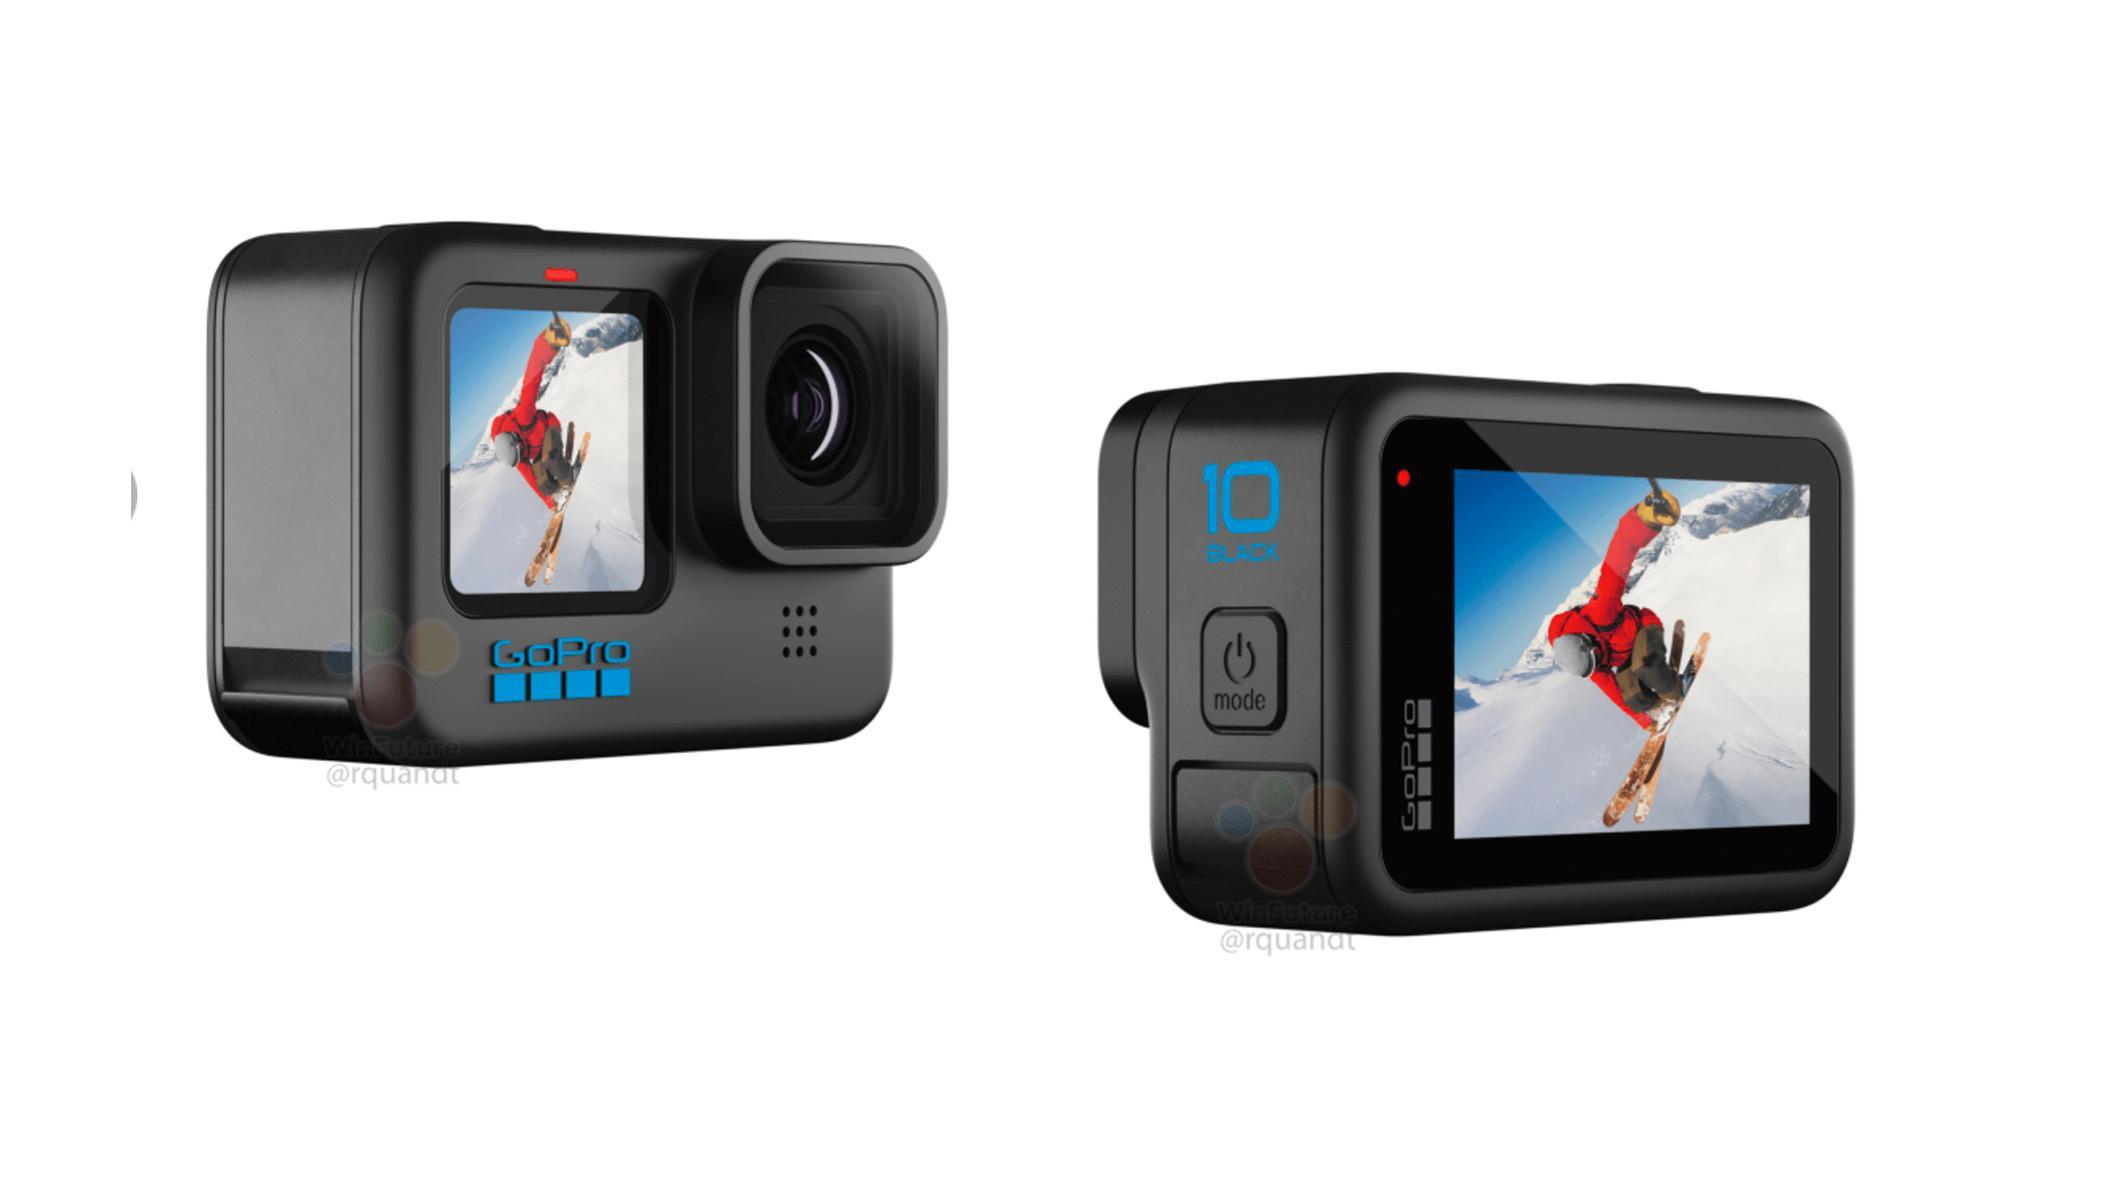 GoPro Hero 10 Black skal blant annet komme med ny prosessor som gir mulighet for kjappere bildefrekvens i video.